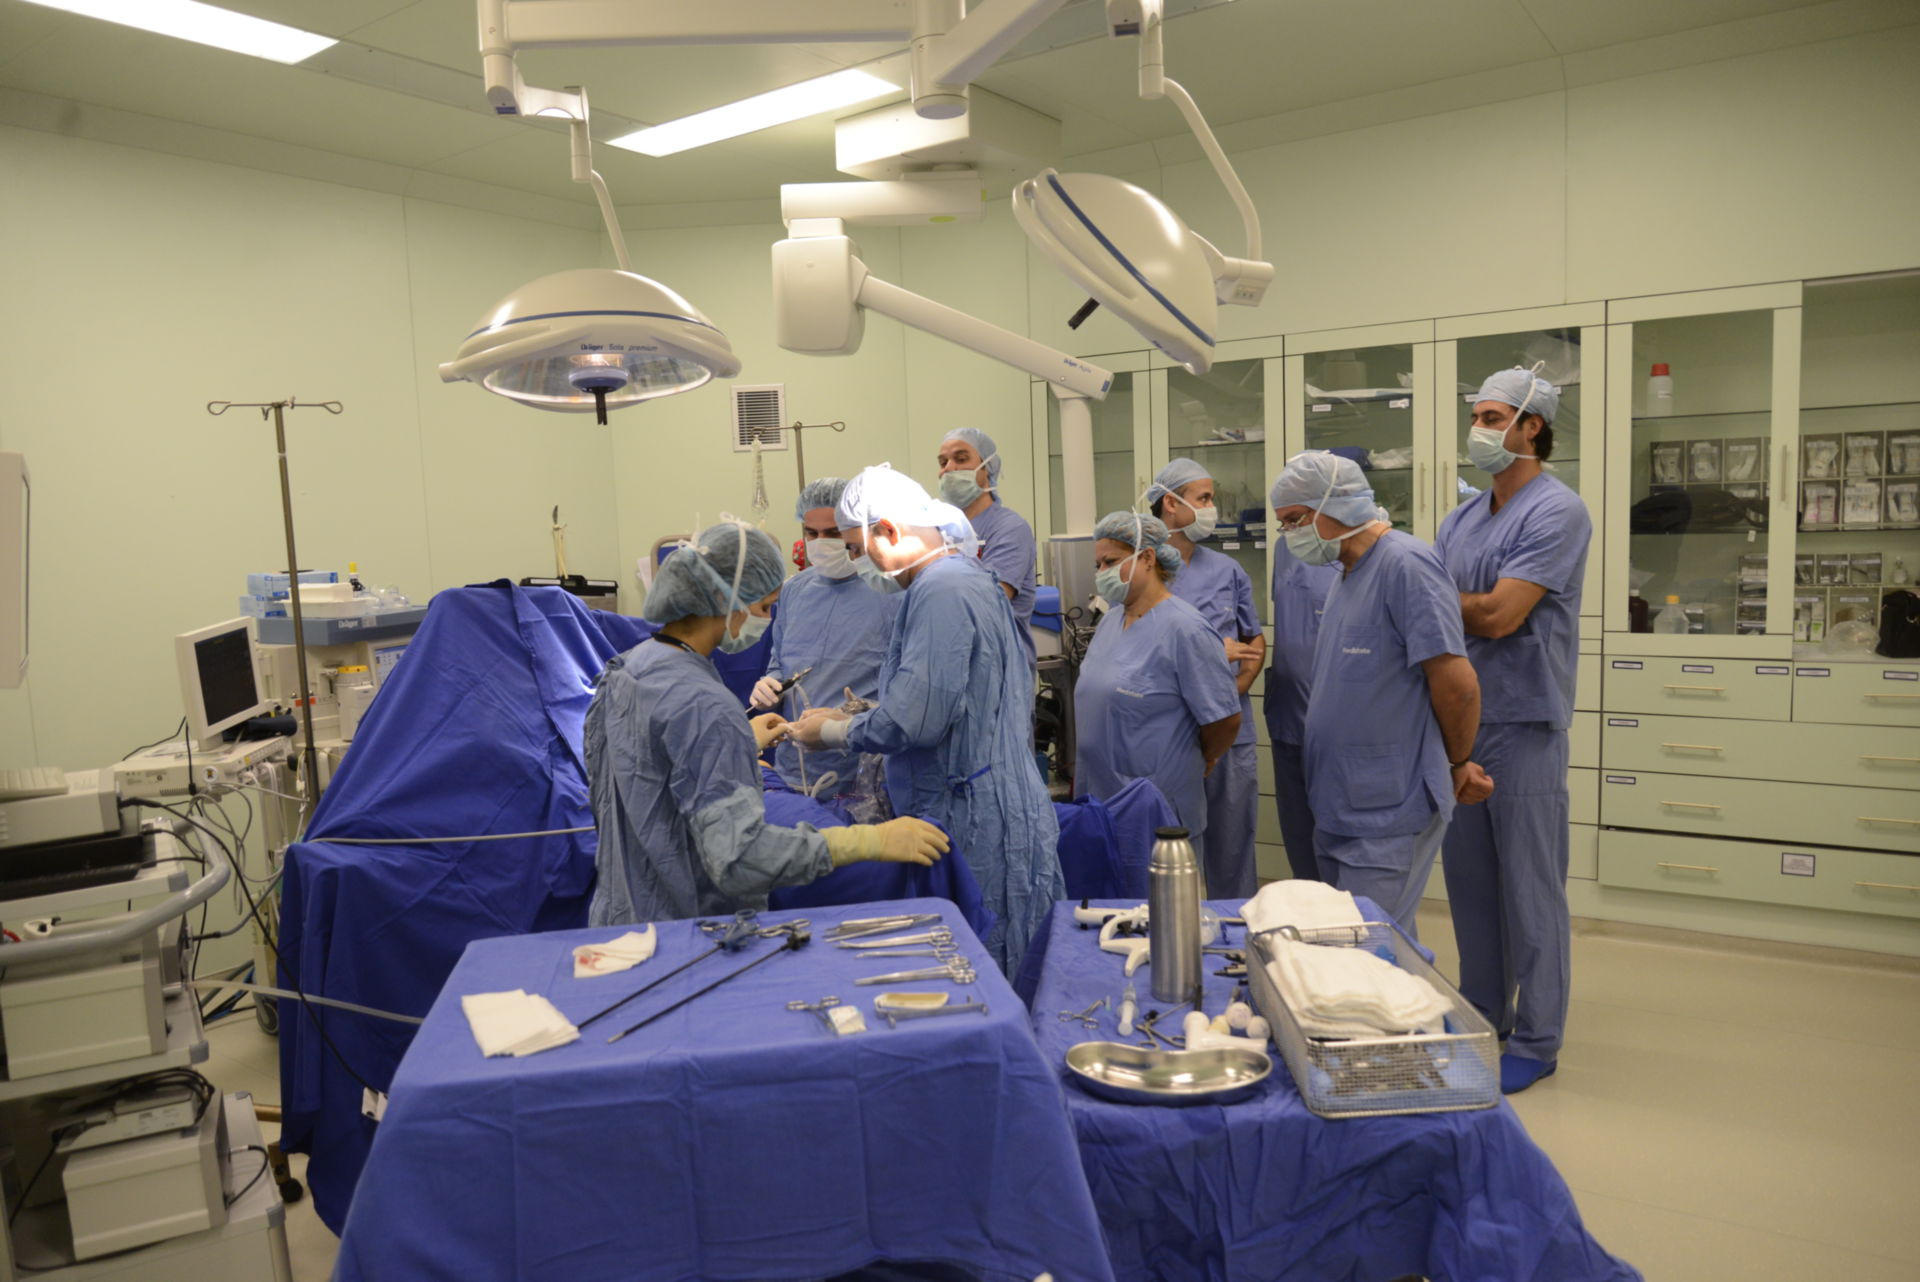 Erfahrungsaustausch bei Adipositaschirurgie und Metabolischer Chirurgie